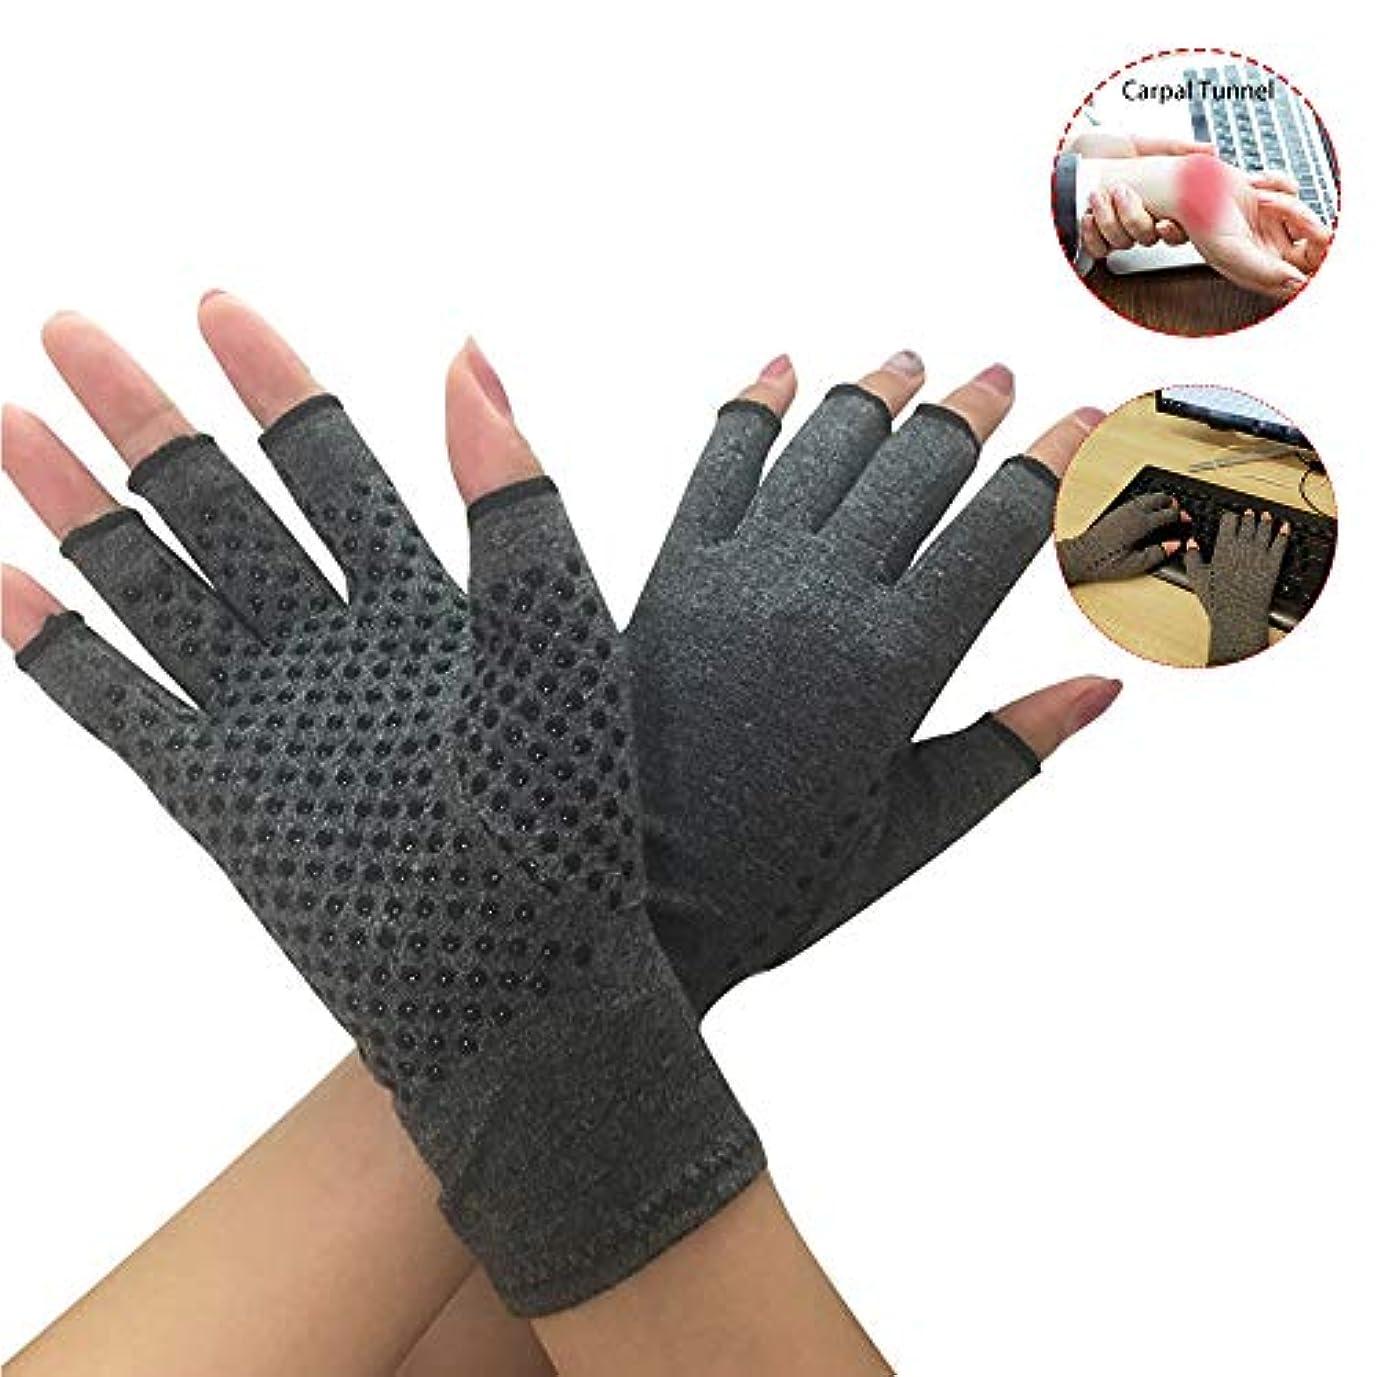 クラシック不正直全滅させる圧迫関節炎の手袋、圧縮関節炎グローブ関節炎圧力手袋アウトドアフィットネス滑り止め理学療法ハーフフィンガーグローブ痛みの軽減